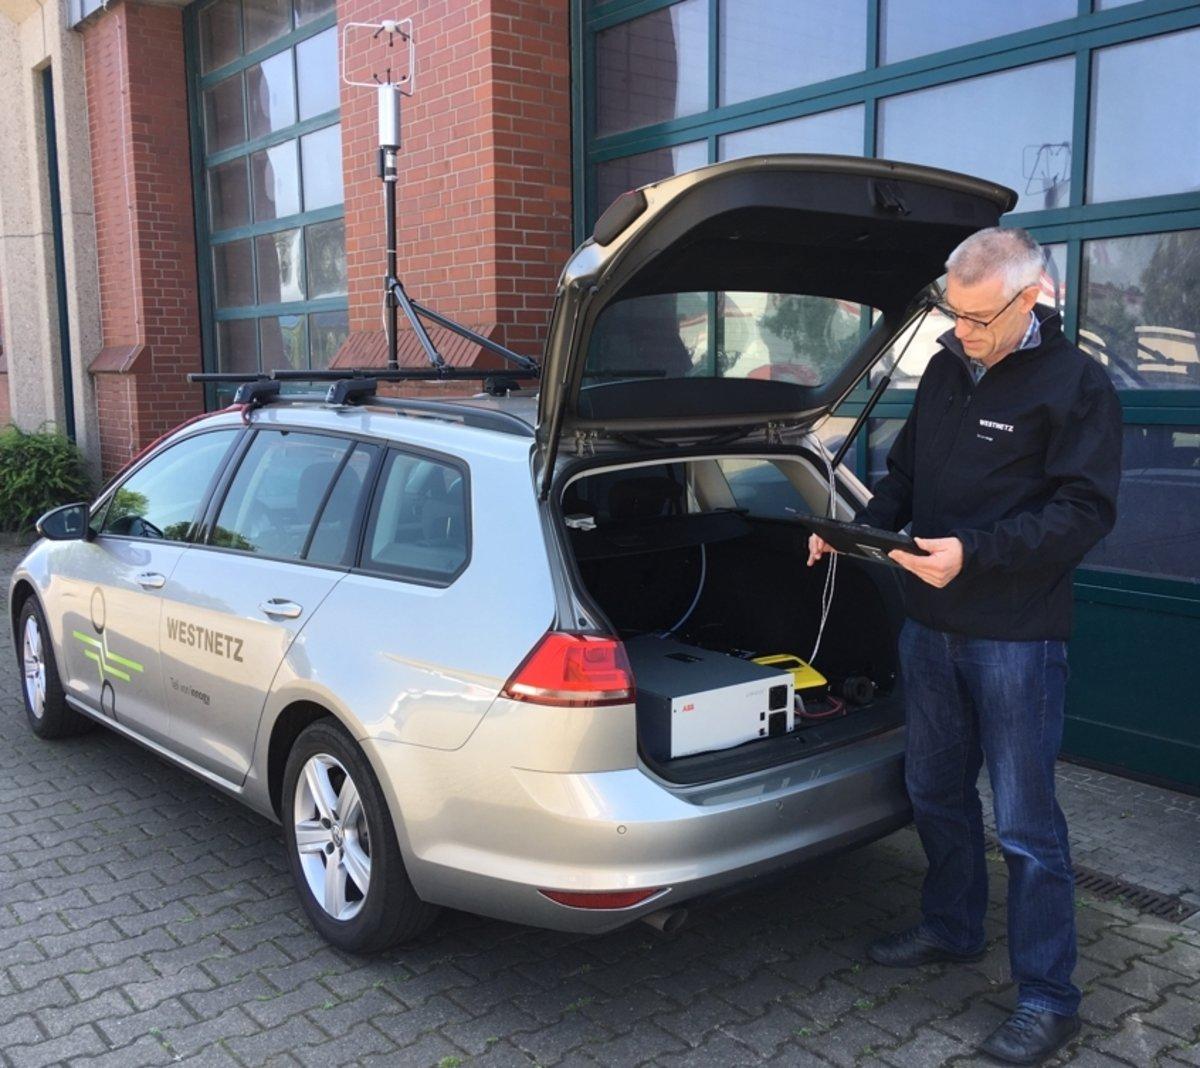 Westnetz Testet Messverfahren Zur Gasnetzüberprüfung In Dorsten